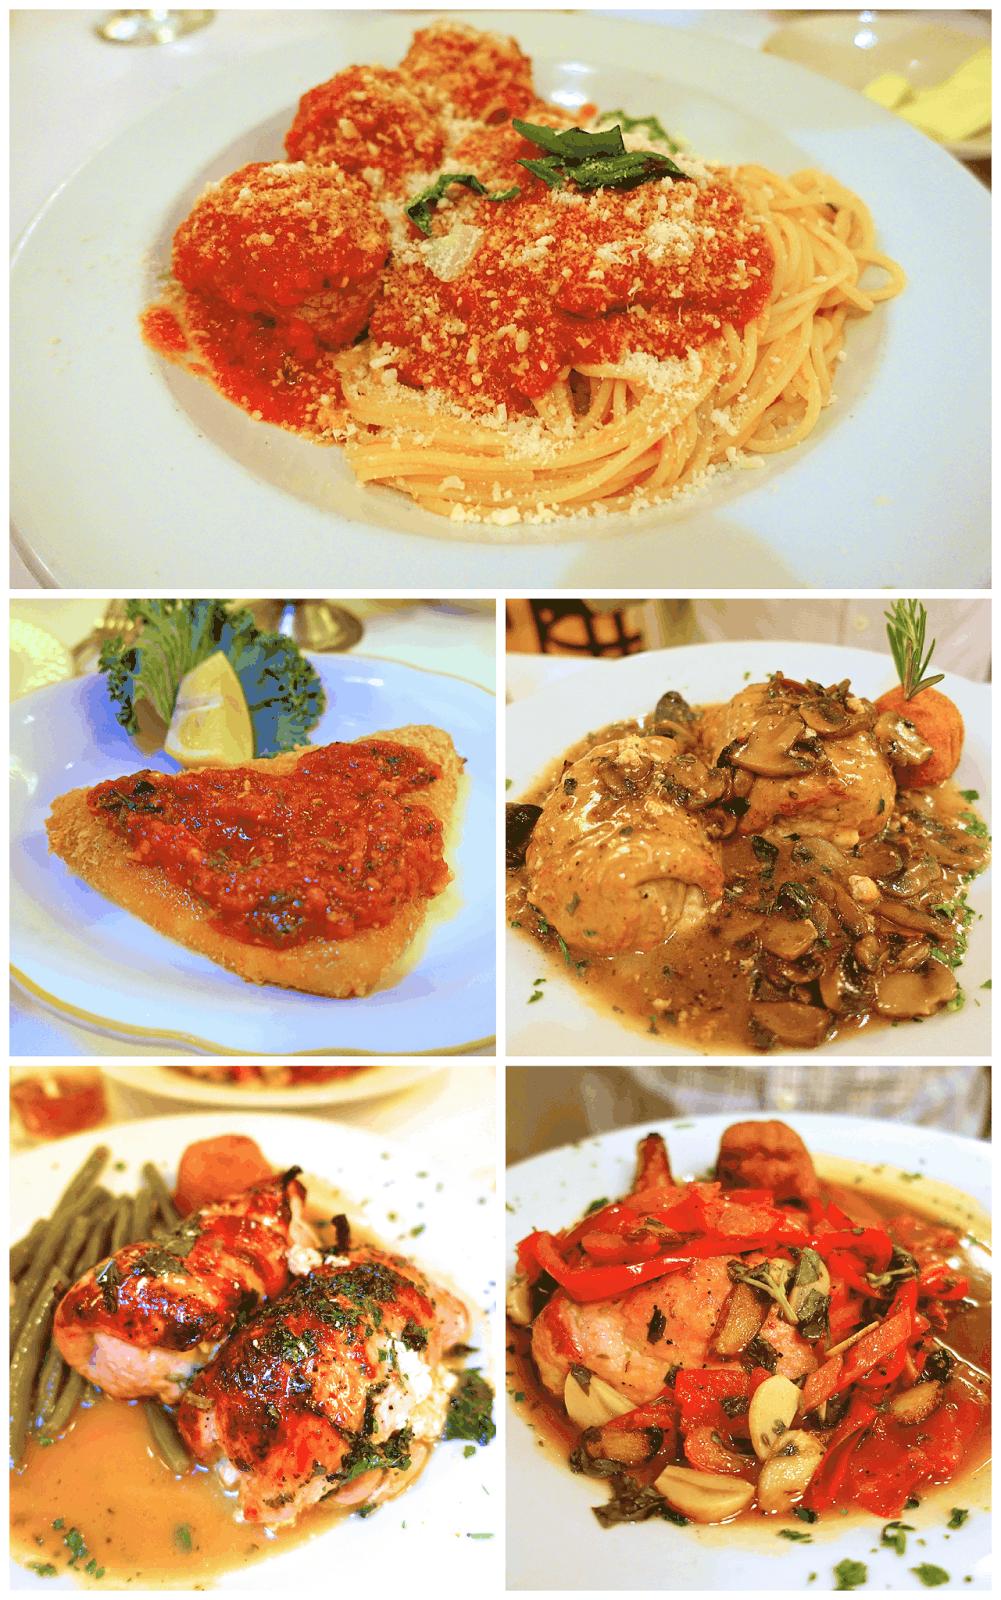 Patsy's Italian Restaurant - NYC